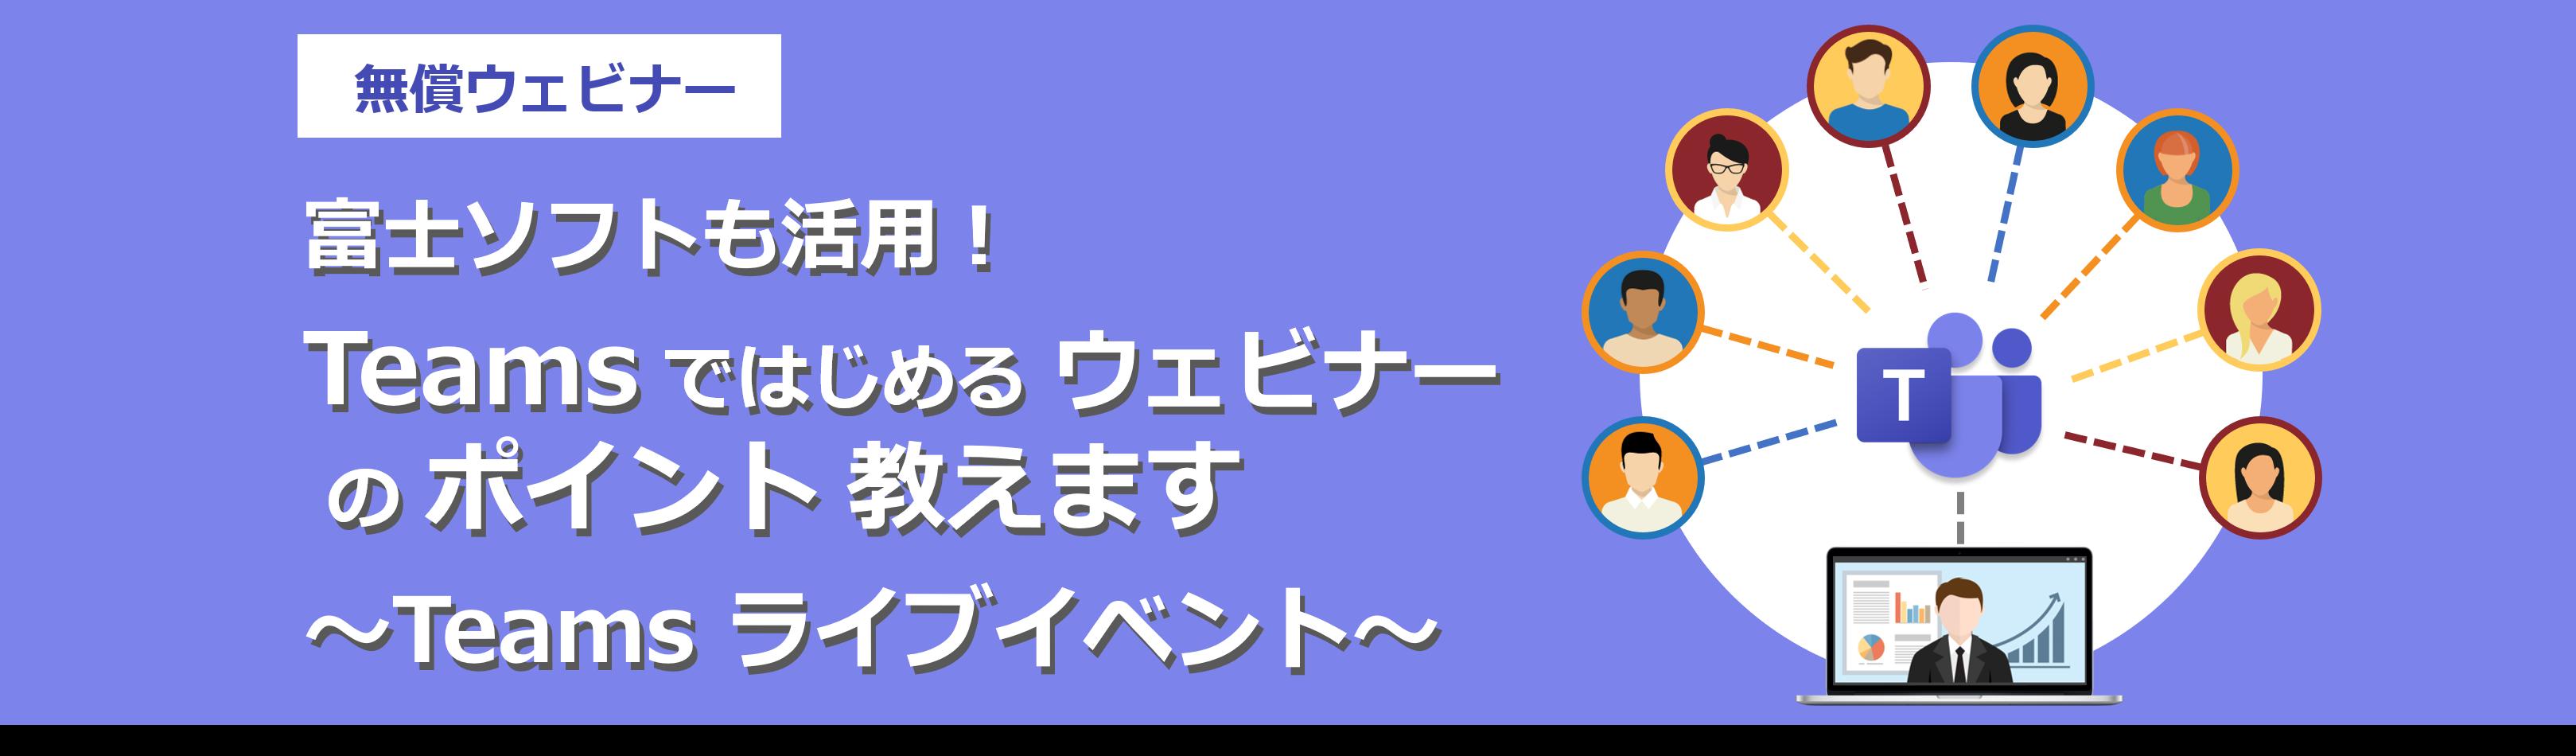 ソフト 富士